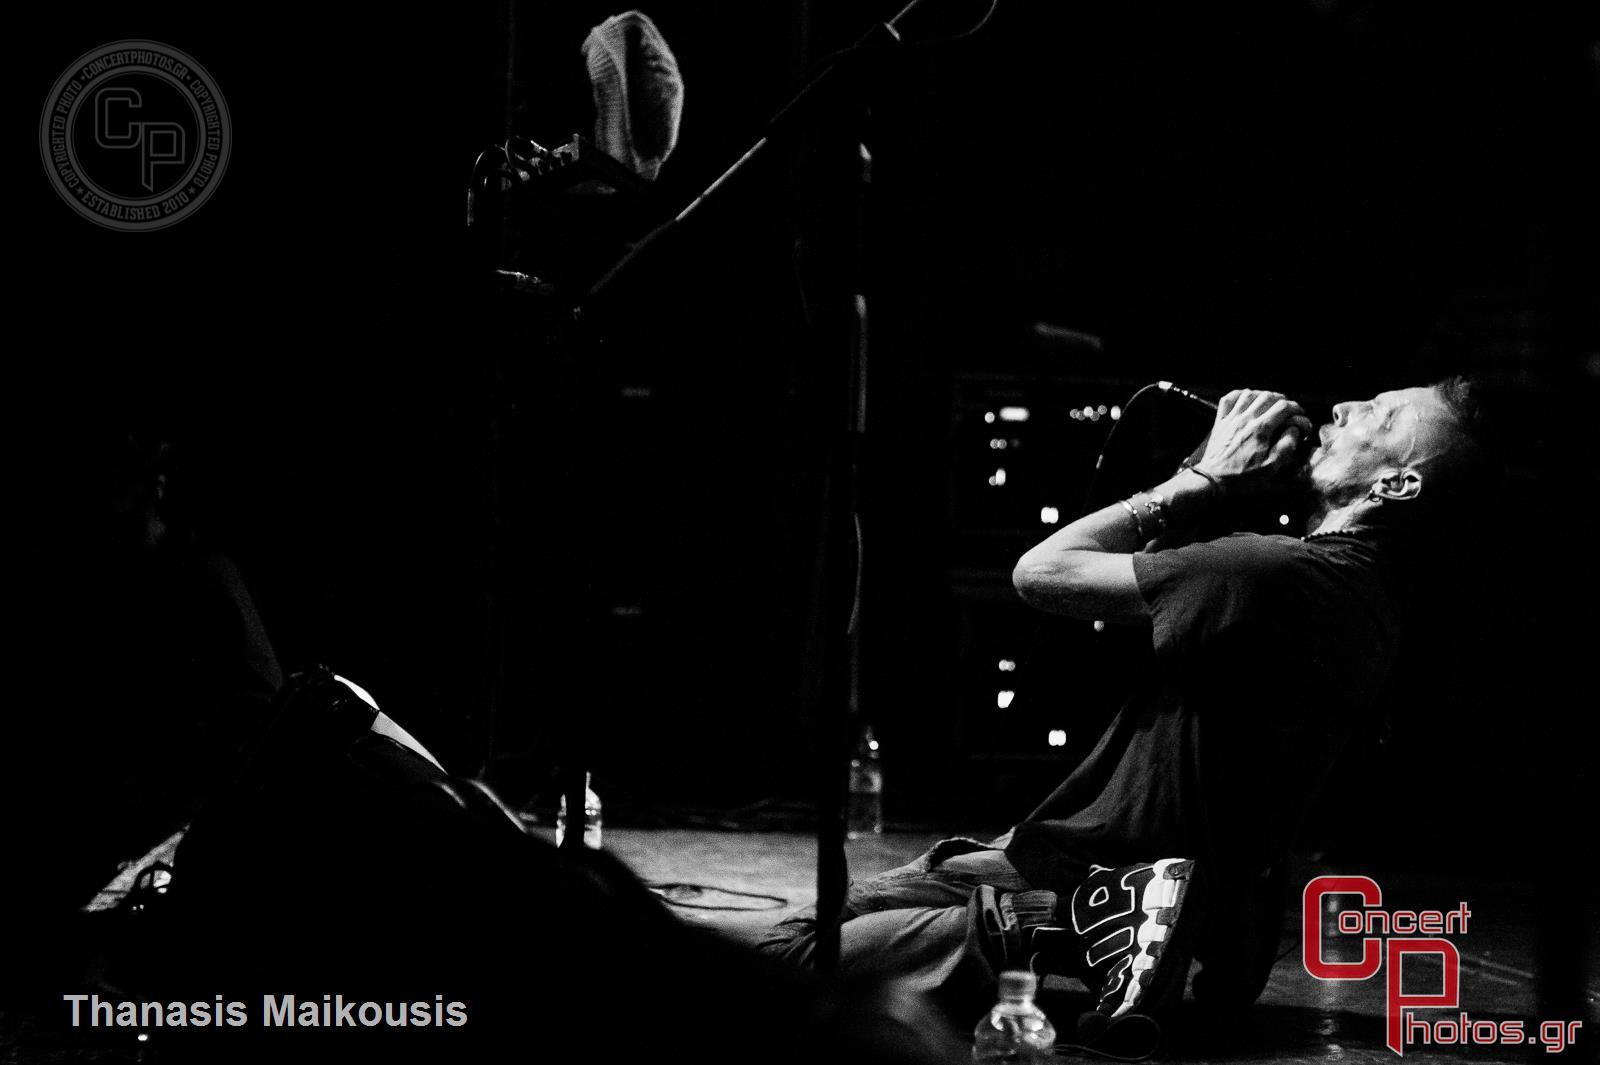 Stereo Mc's-Stereo Mcs photographer: Thanasis Maikousis - ConcertPhotos - 20141129_2337_17